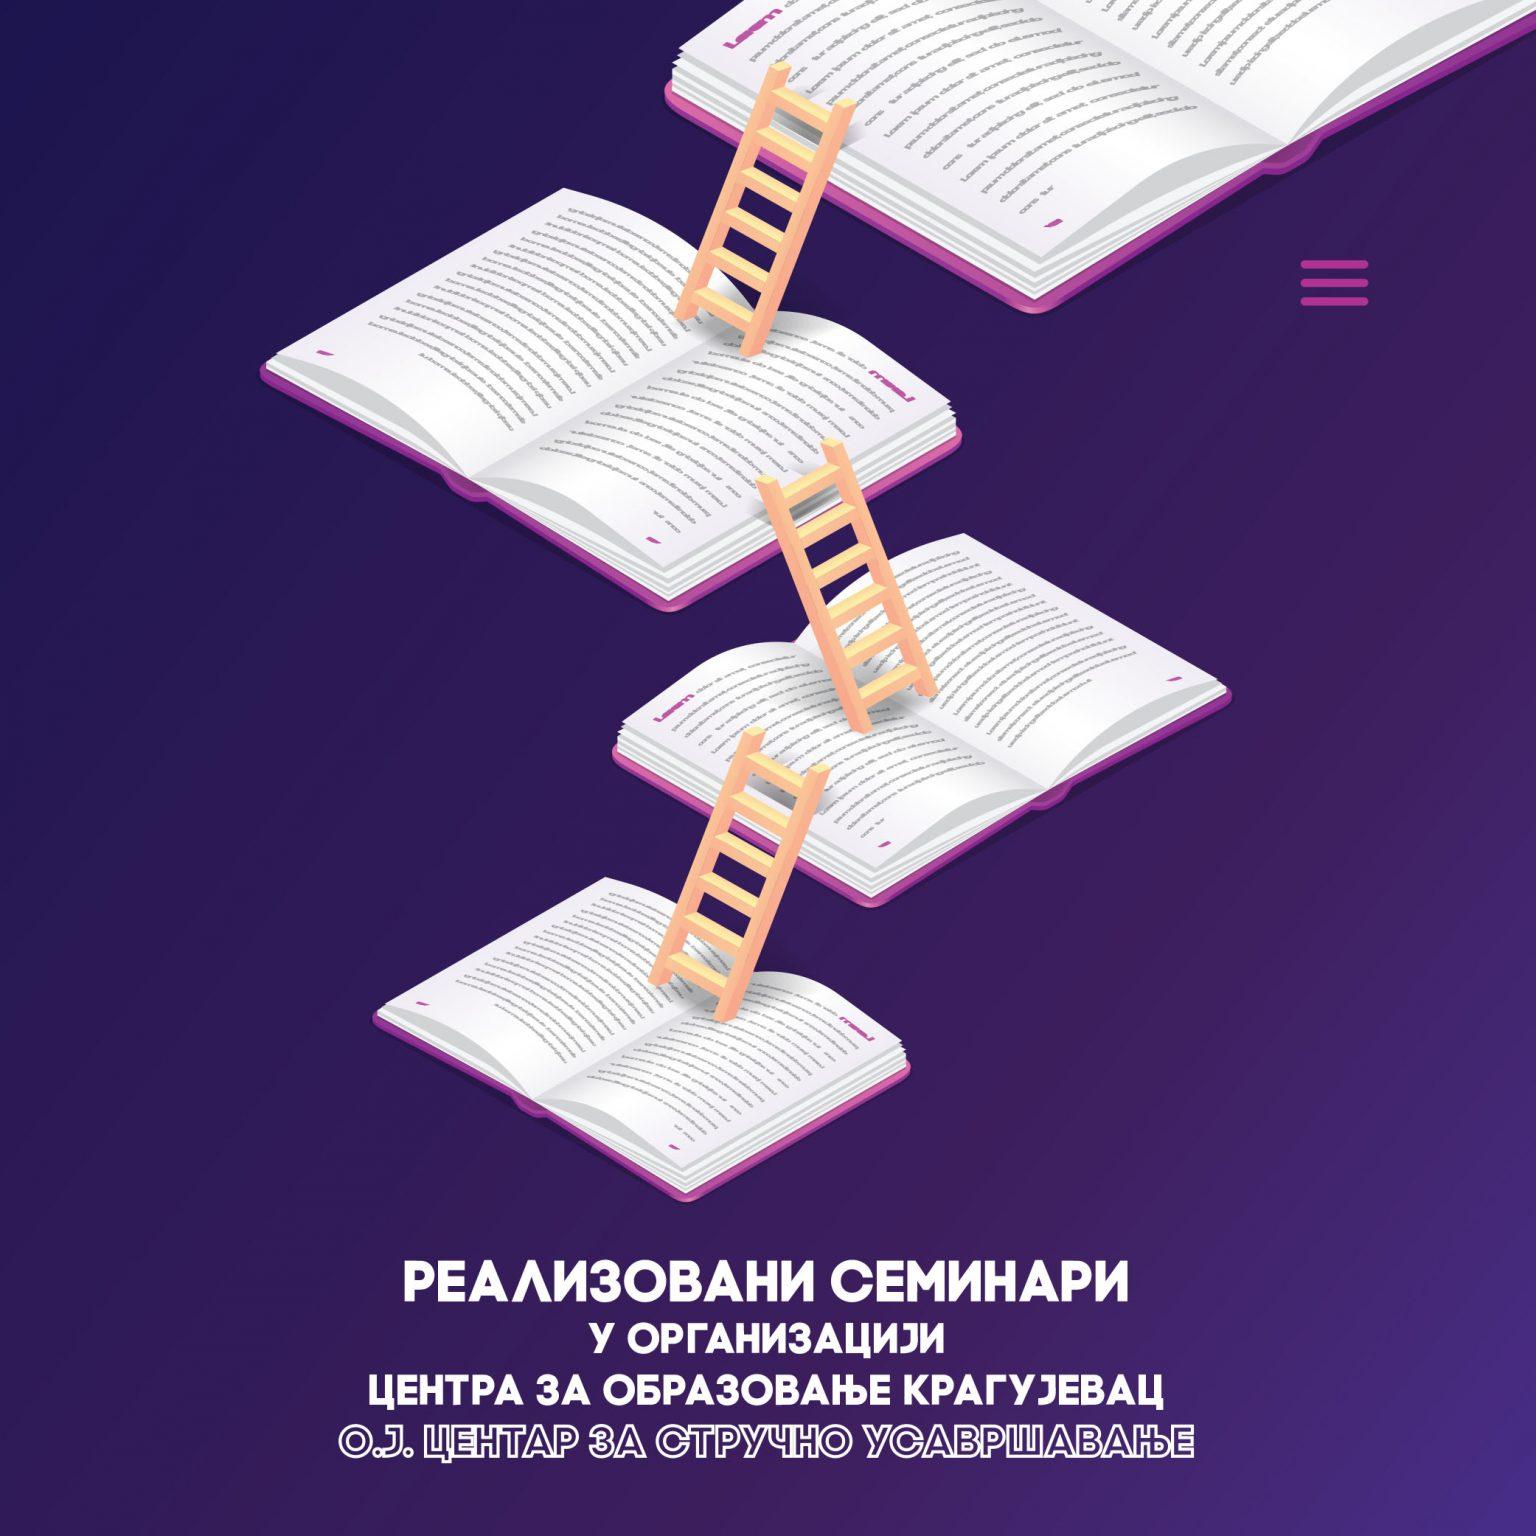 """Реализација семинара """"Могућности примене пројектне наставе у дигитално доба"""""""